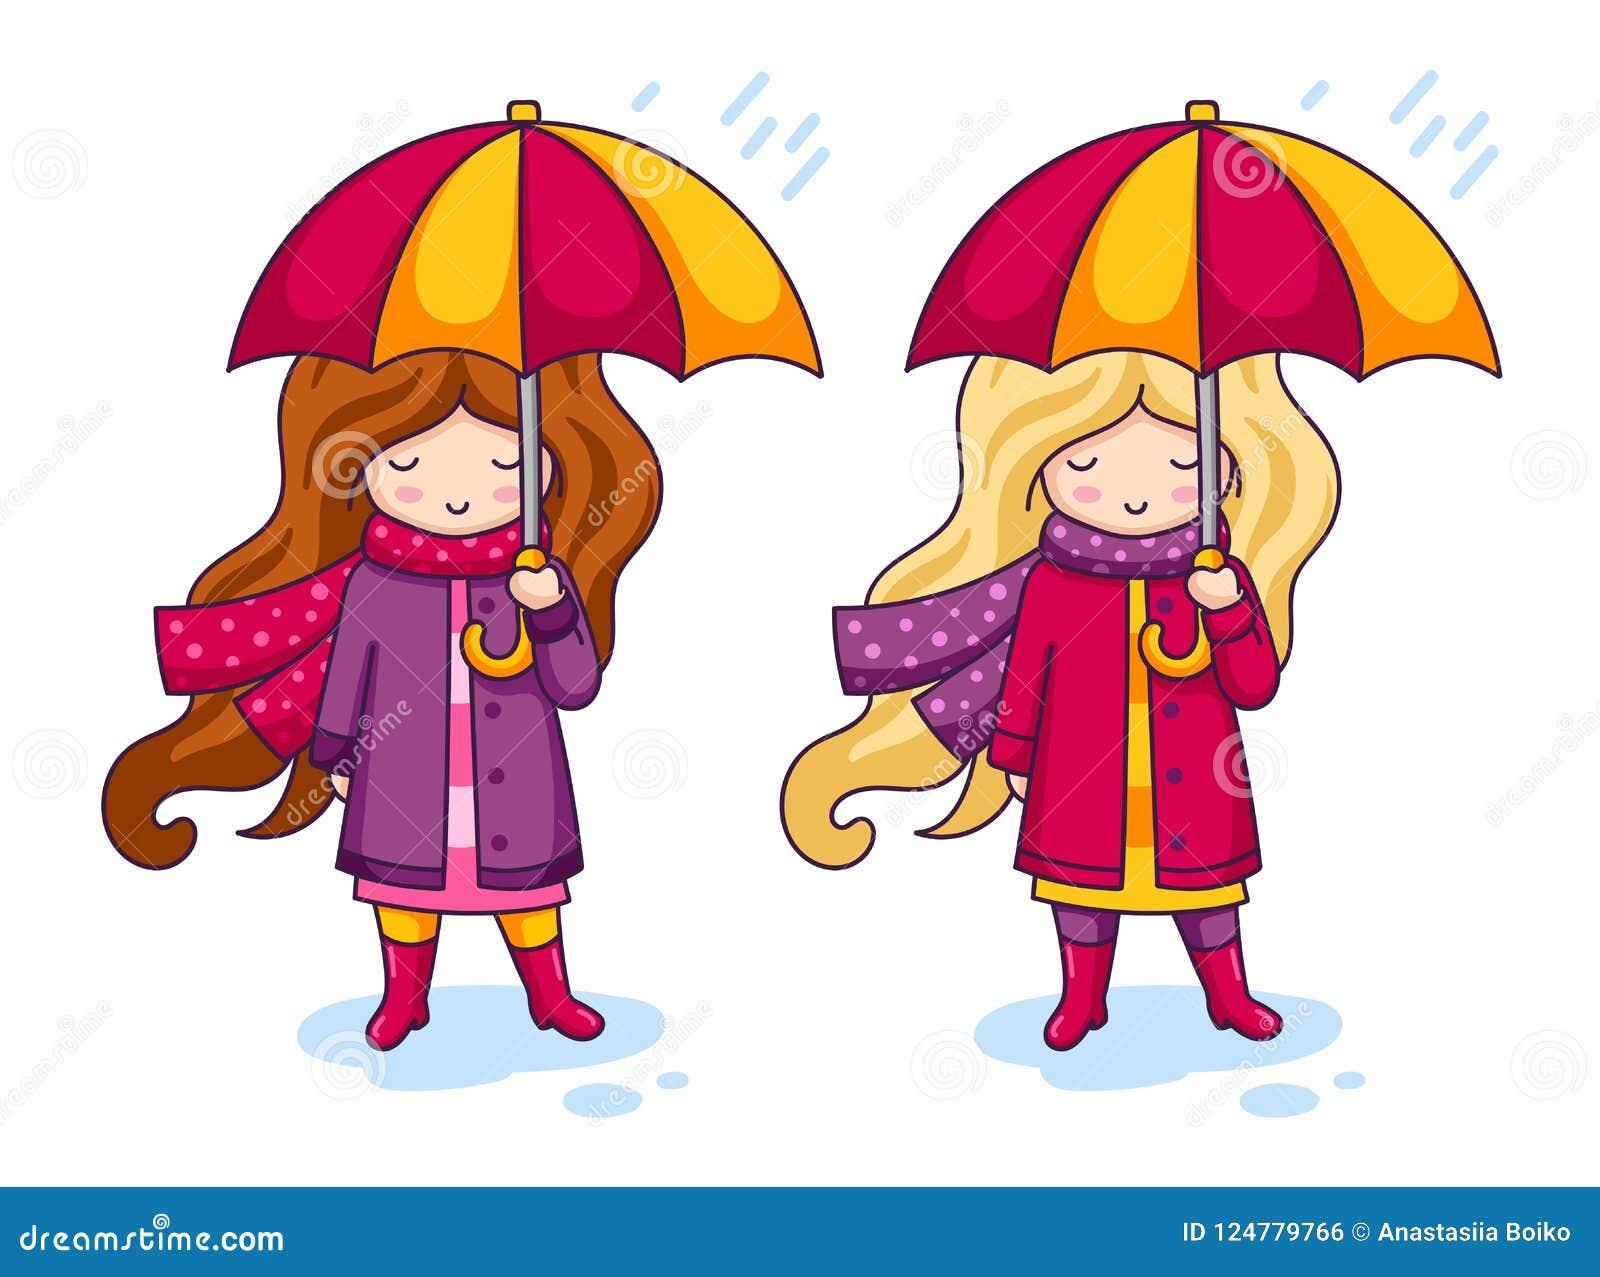 Deux Petites Filles Mignonnes Dans Des Manteaux Roses Et